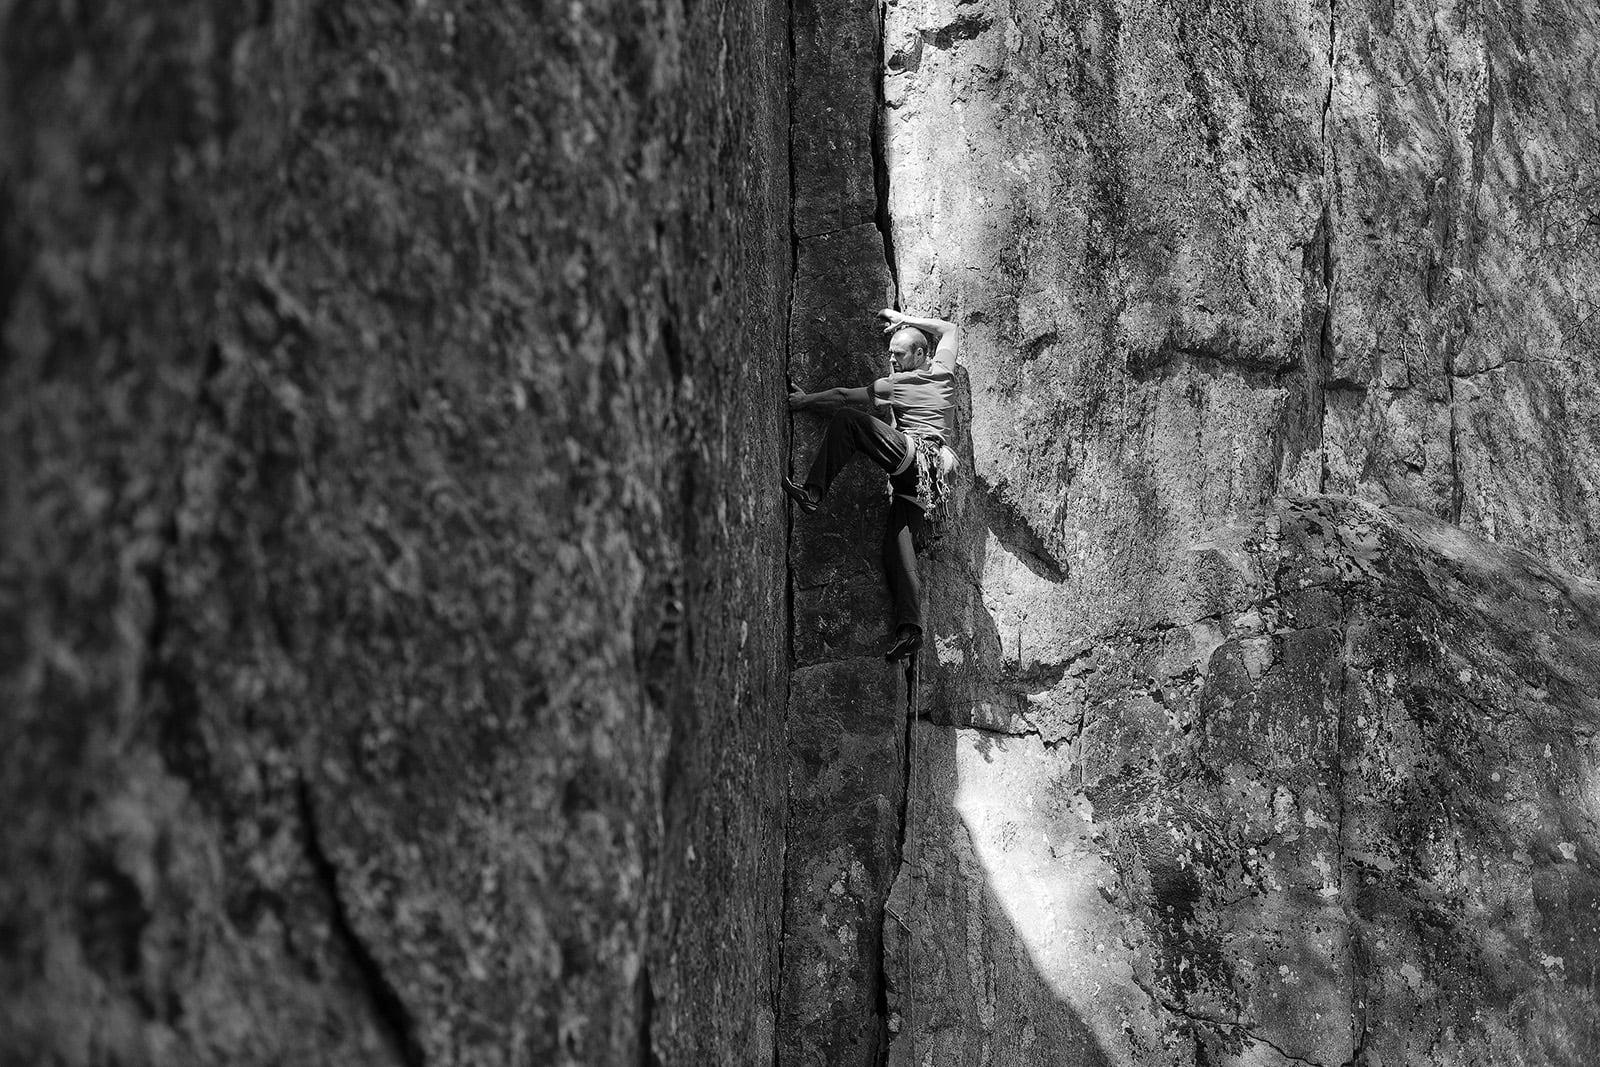 KONGELIG: Kong Olav har inngravert steinen under risset! Klatrer: Dag Hagen. Foto: Christian Nerdrum